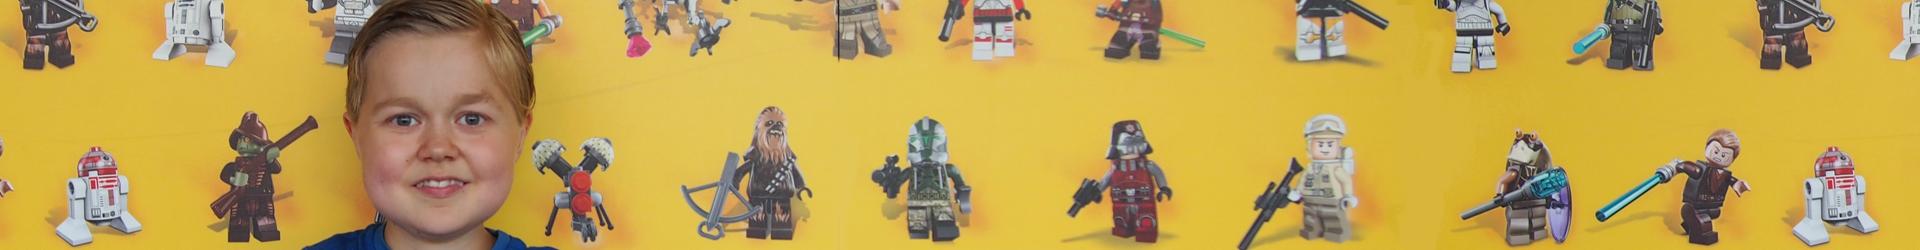 Legoland_1920x250_2